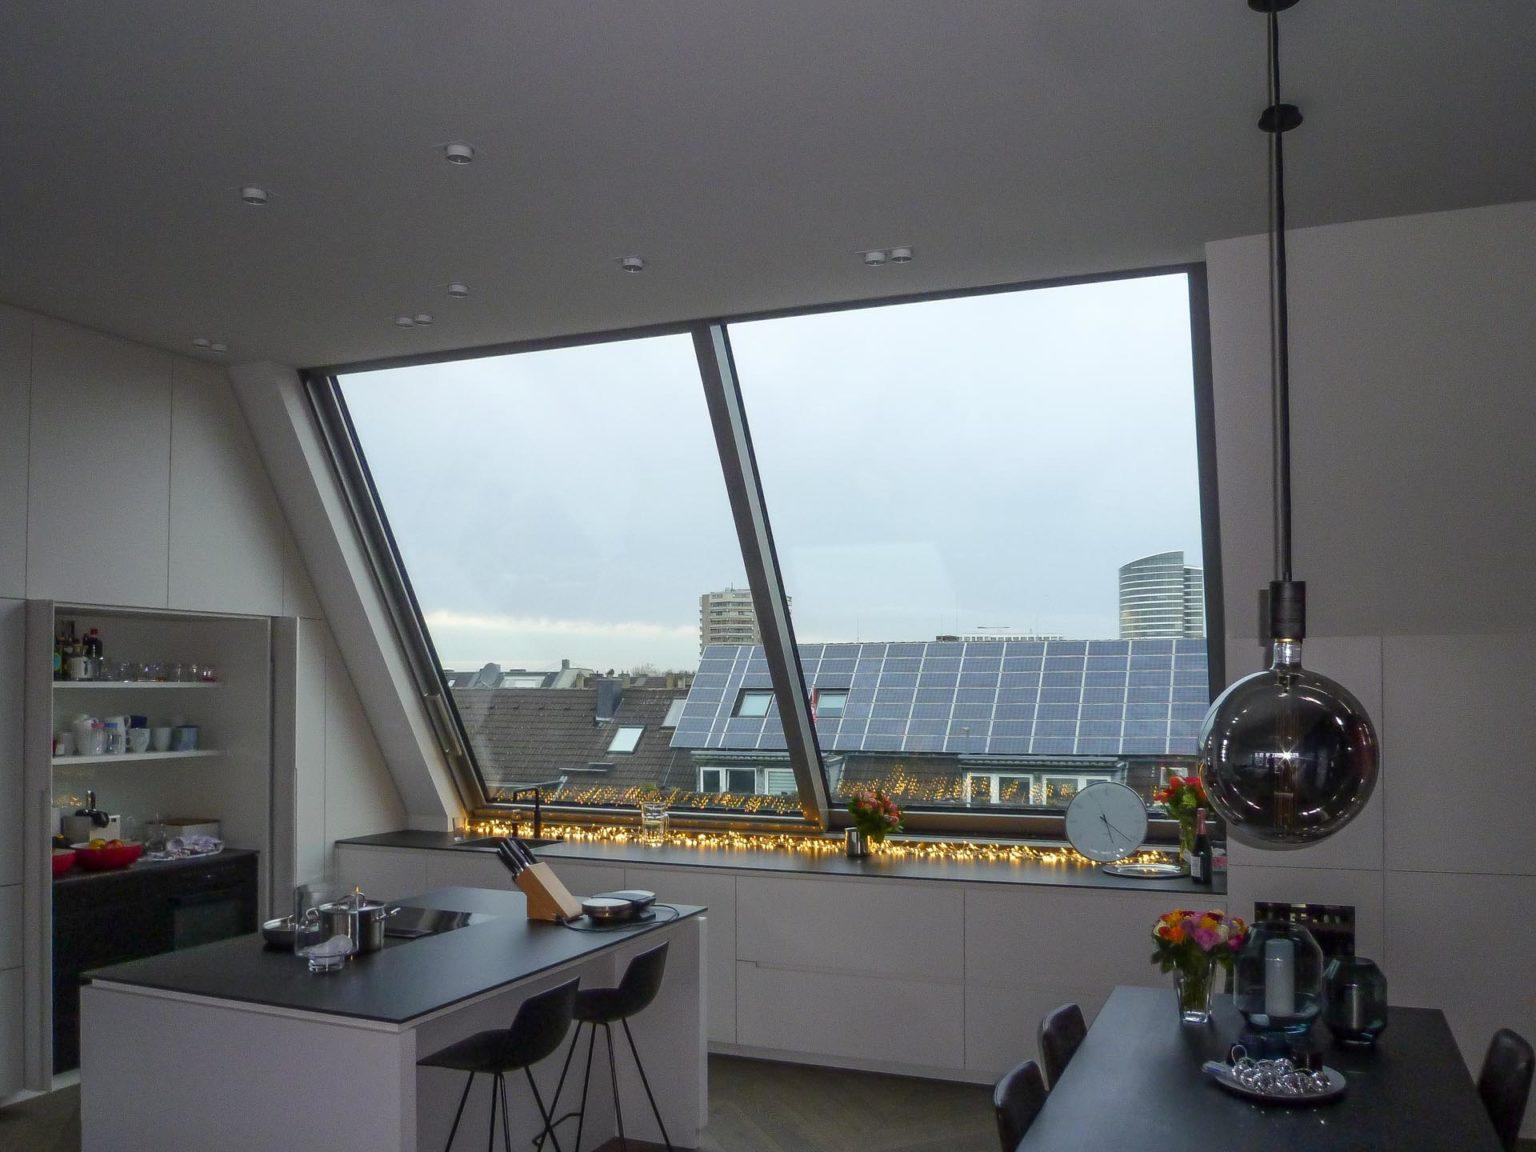 Dachschiebefenster in Düsseldorf. 2-teiliges Panorama AL Dachschiebefenster in Düsseldorfer Dachgeschossküche